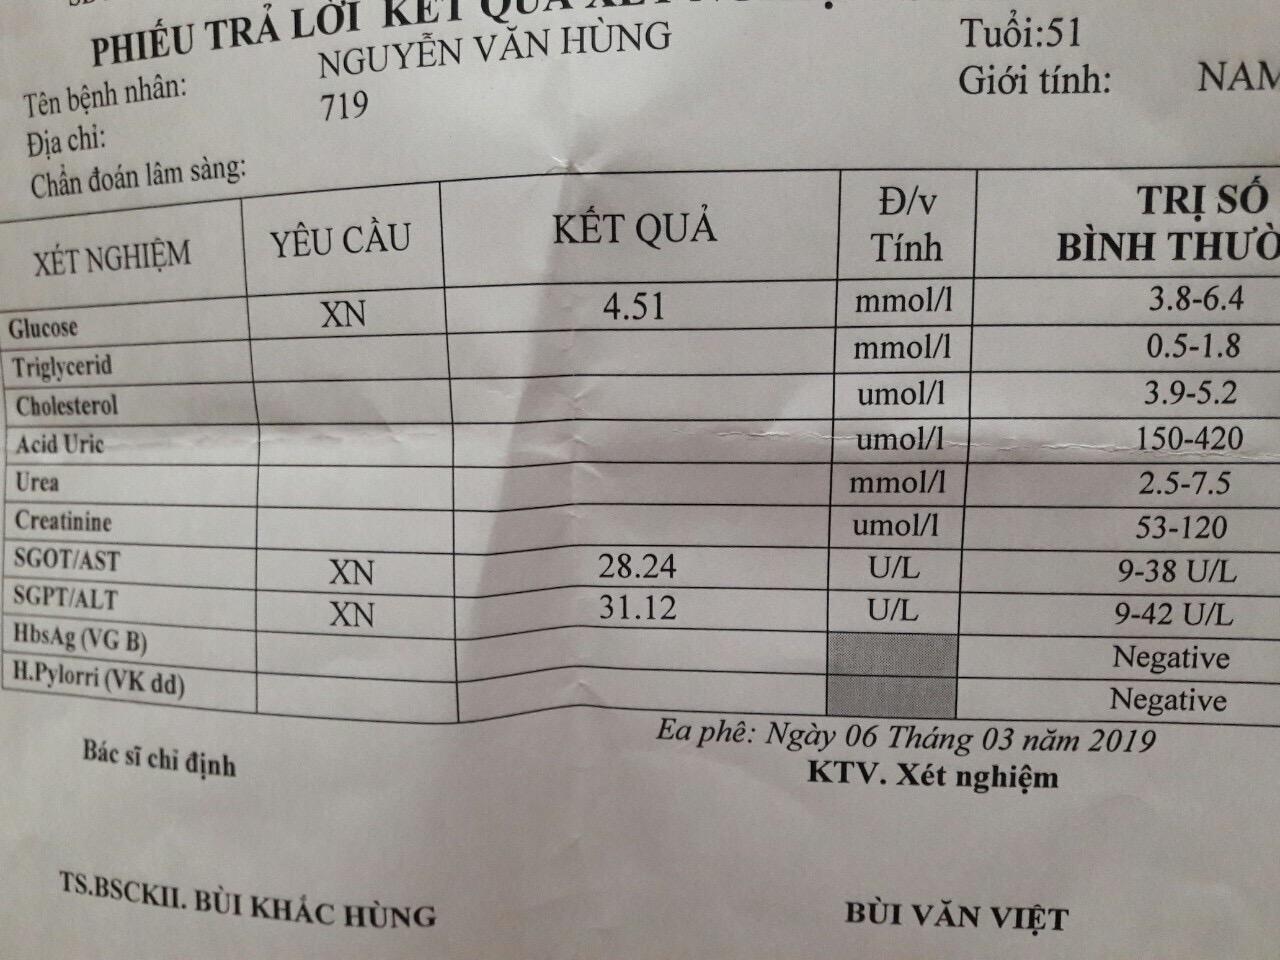 Các chỉ số xét nghiệm men gan của anh Hùng đã trở lại mức bình thường